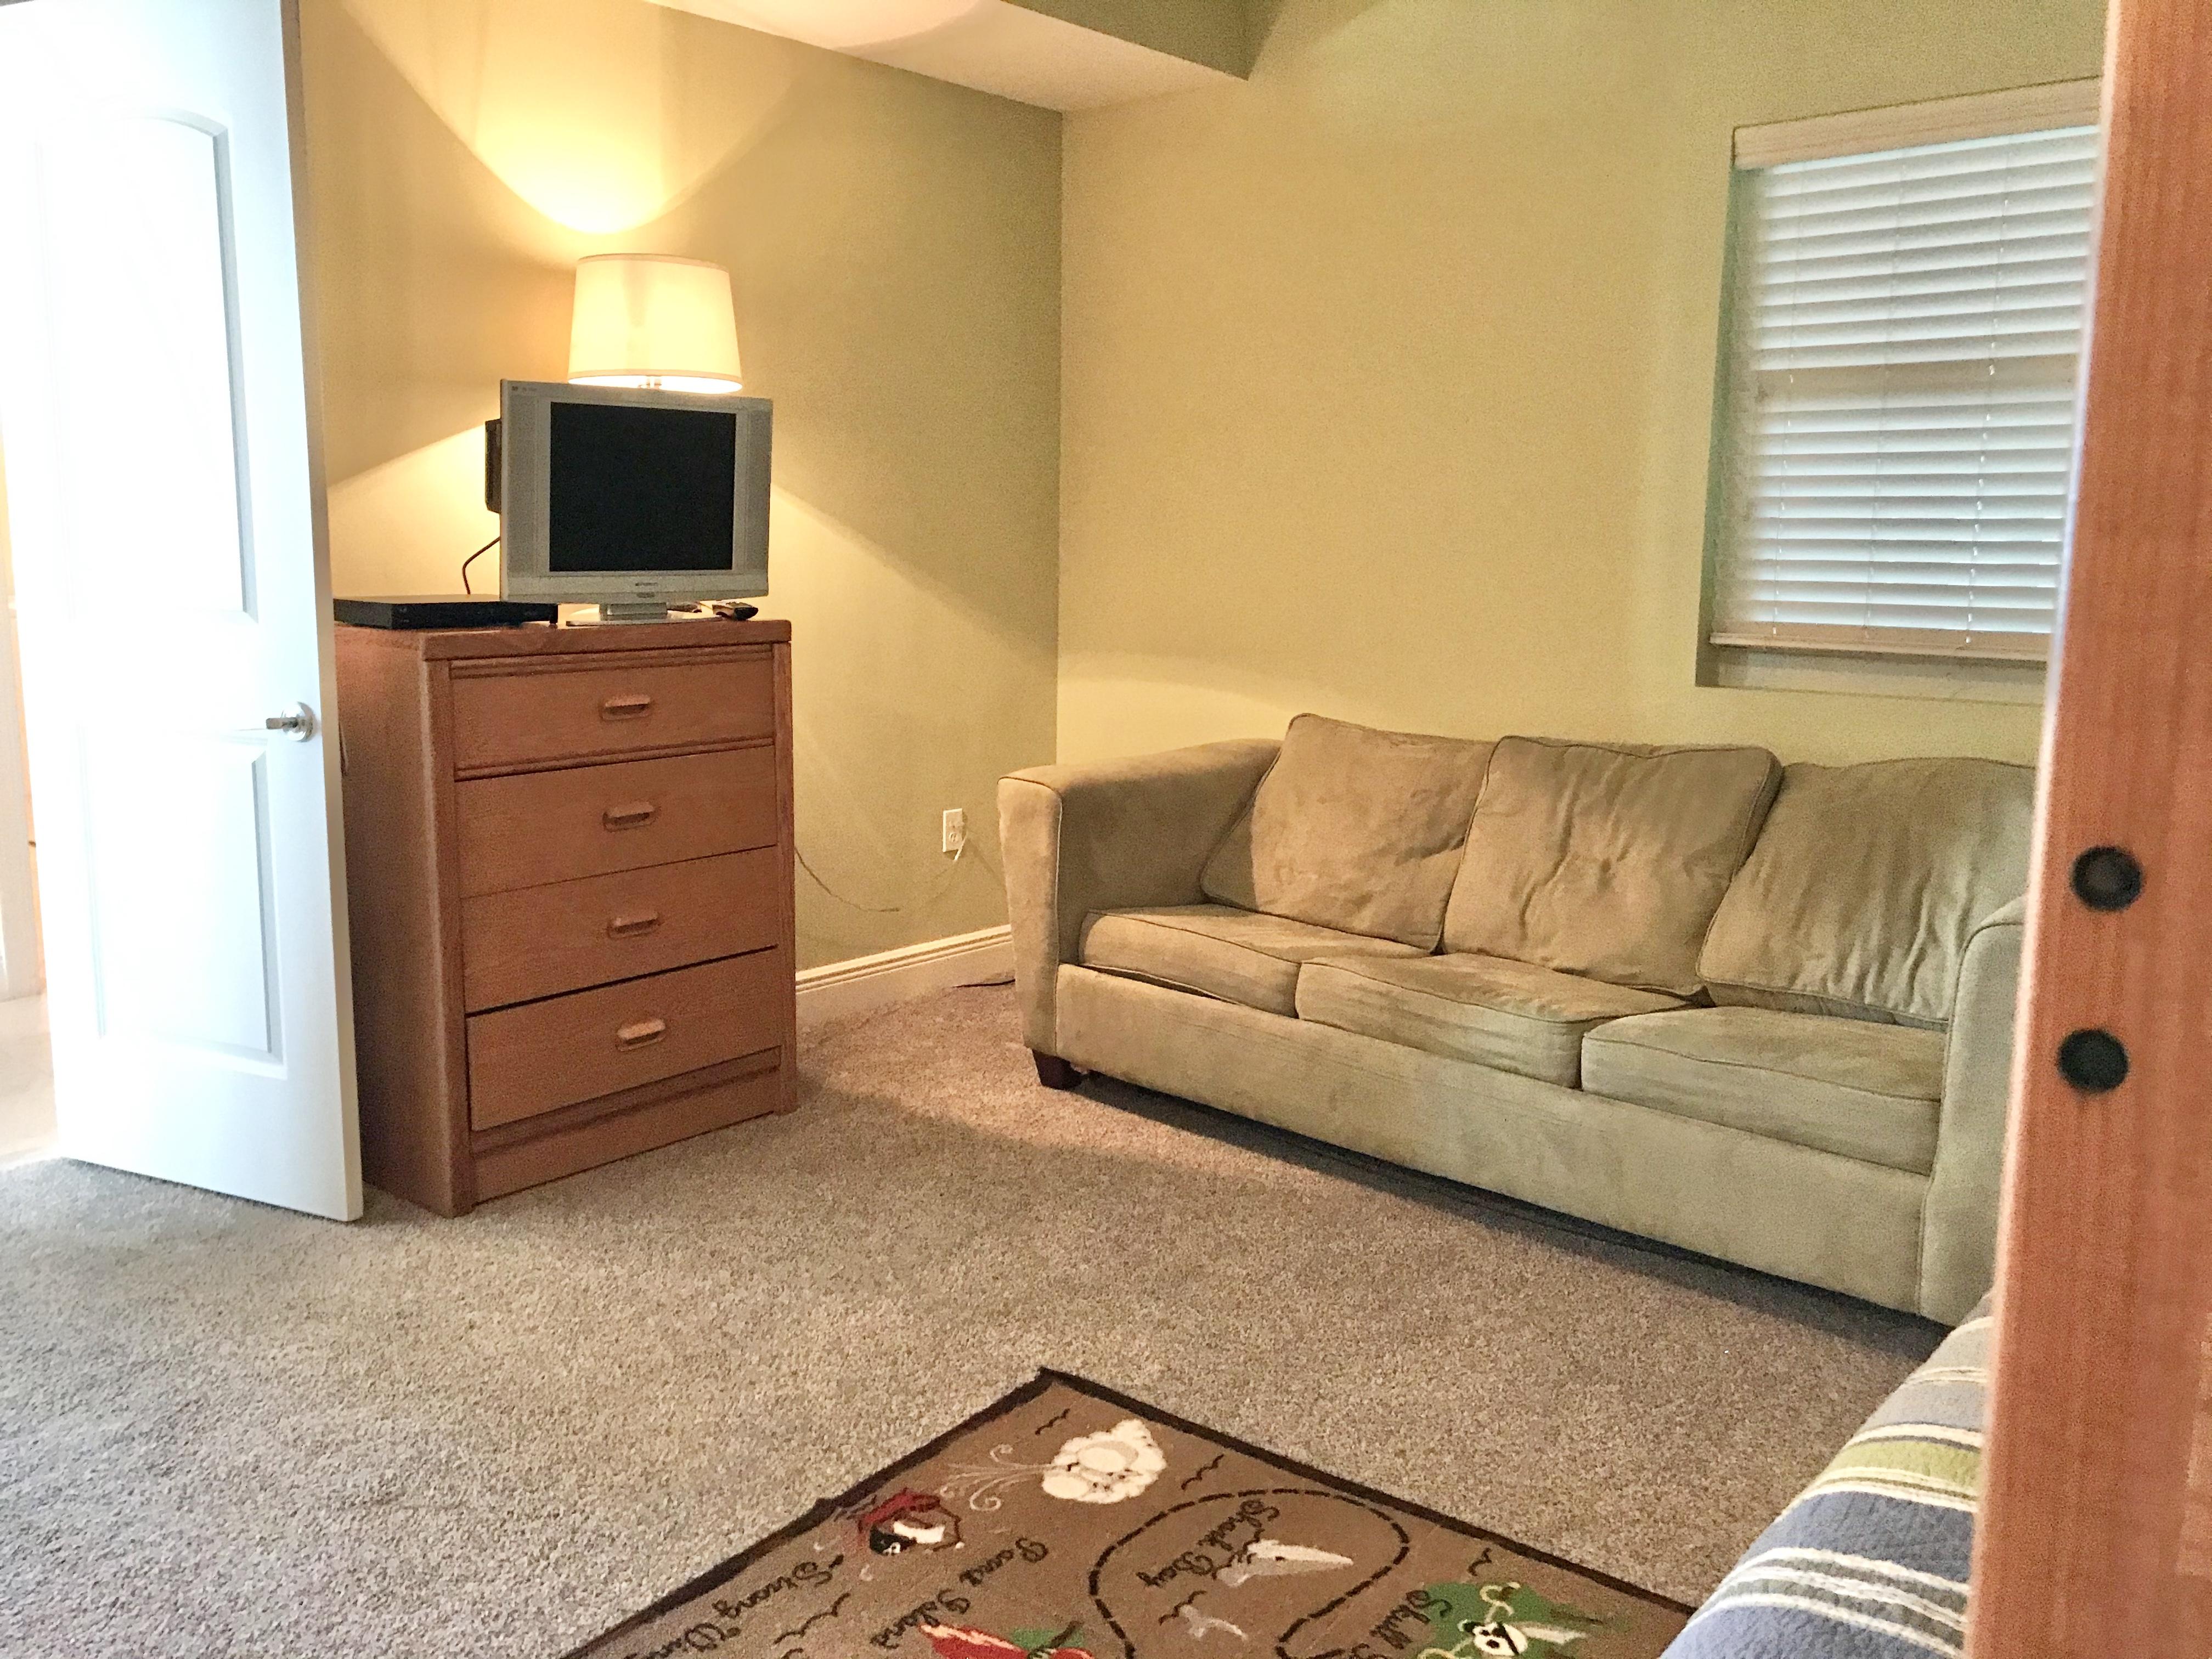 Mustique 401 Condo rental in Mustique in Gulf Shores Alabama - #49